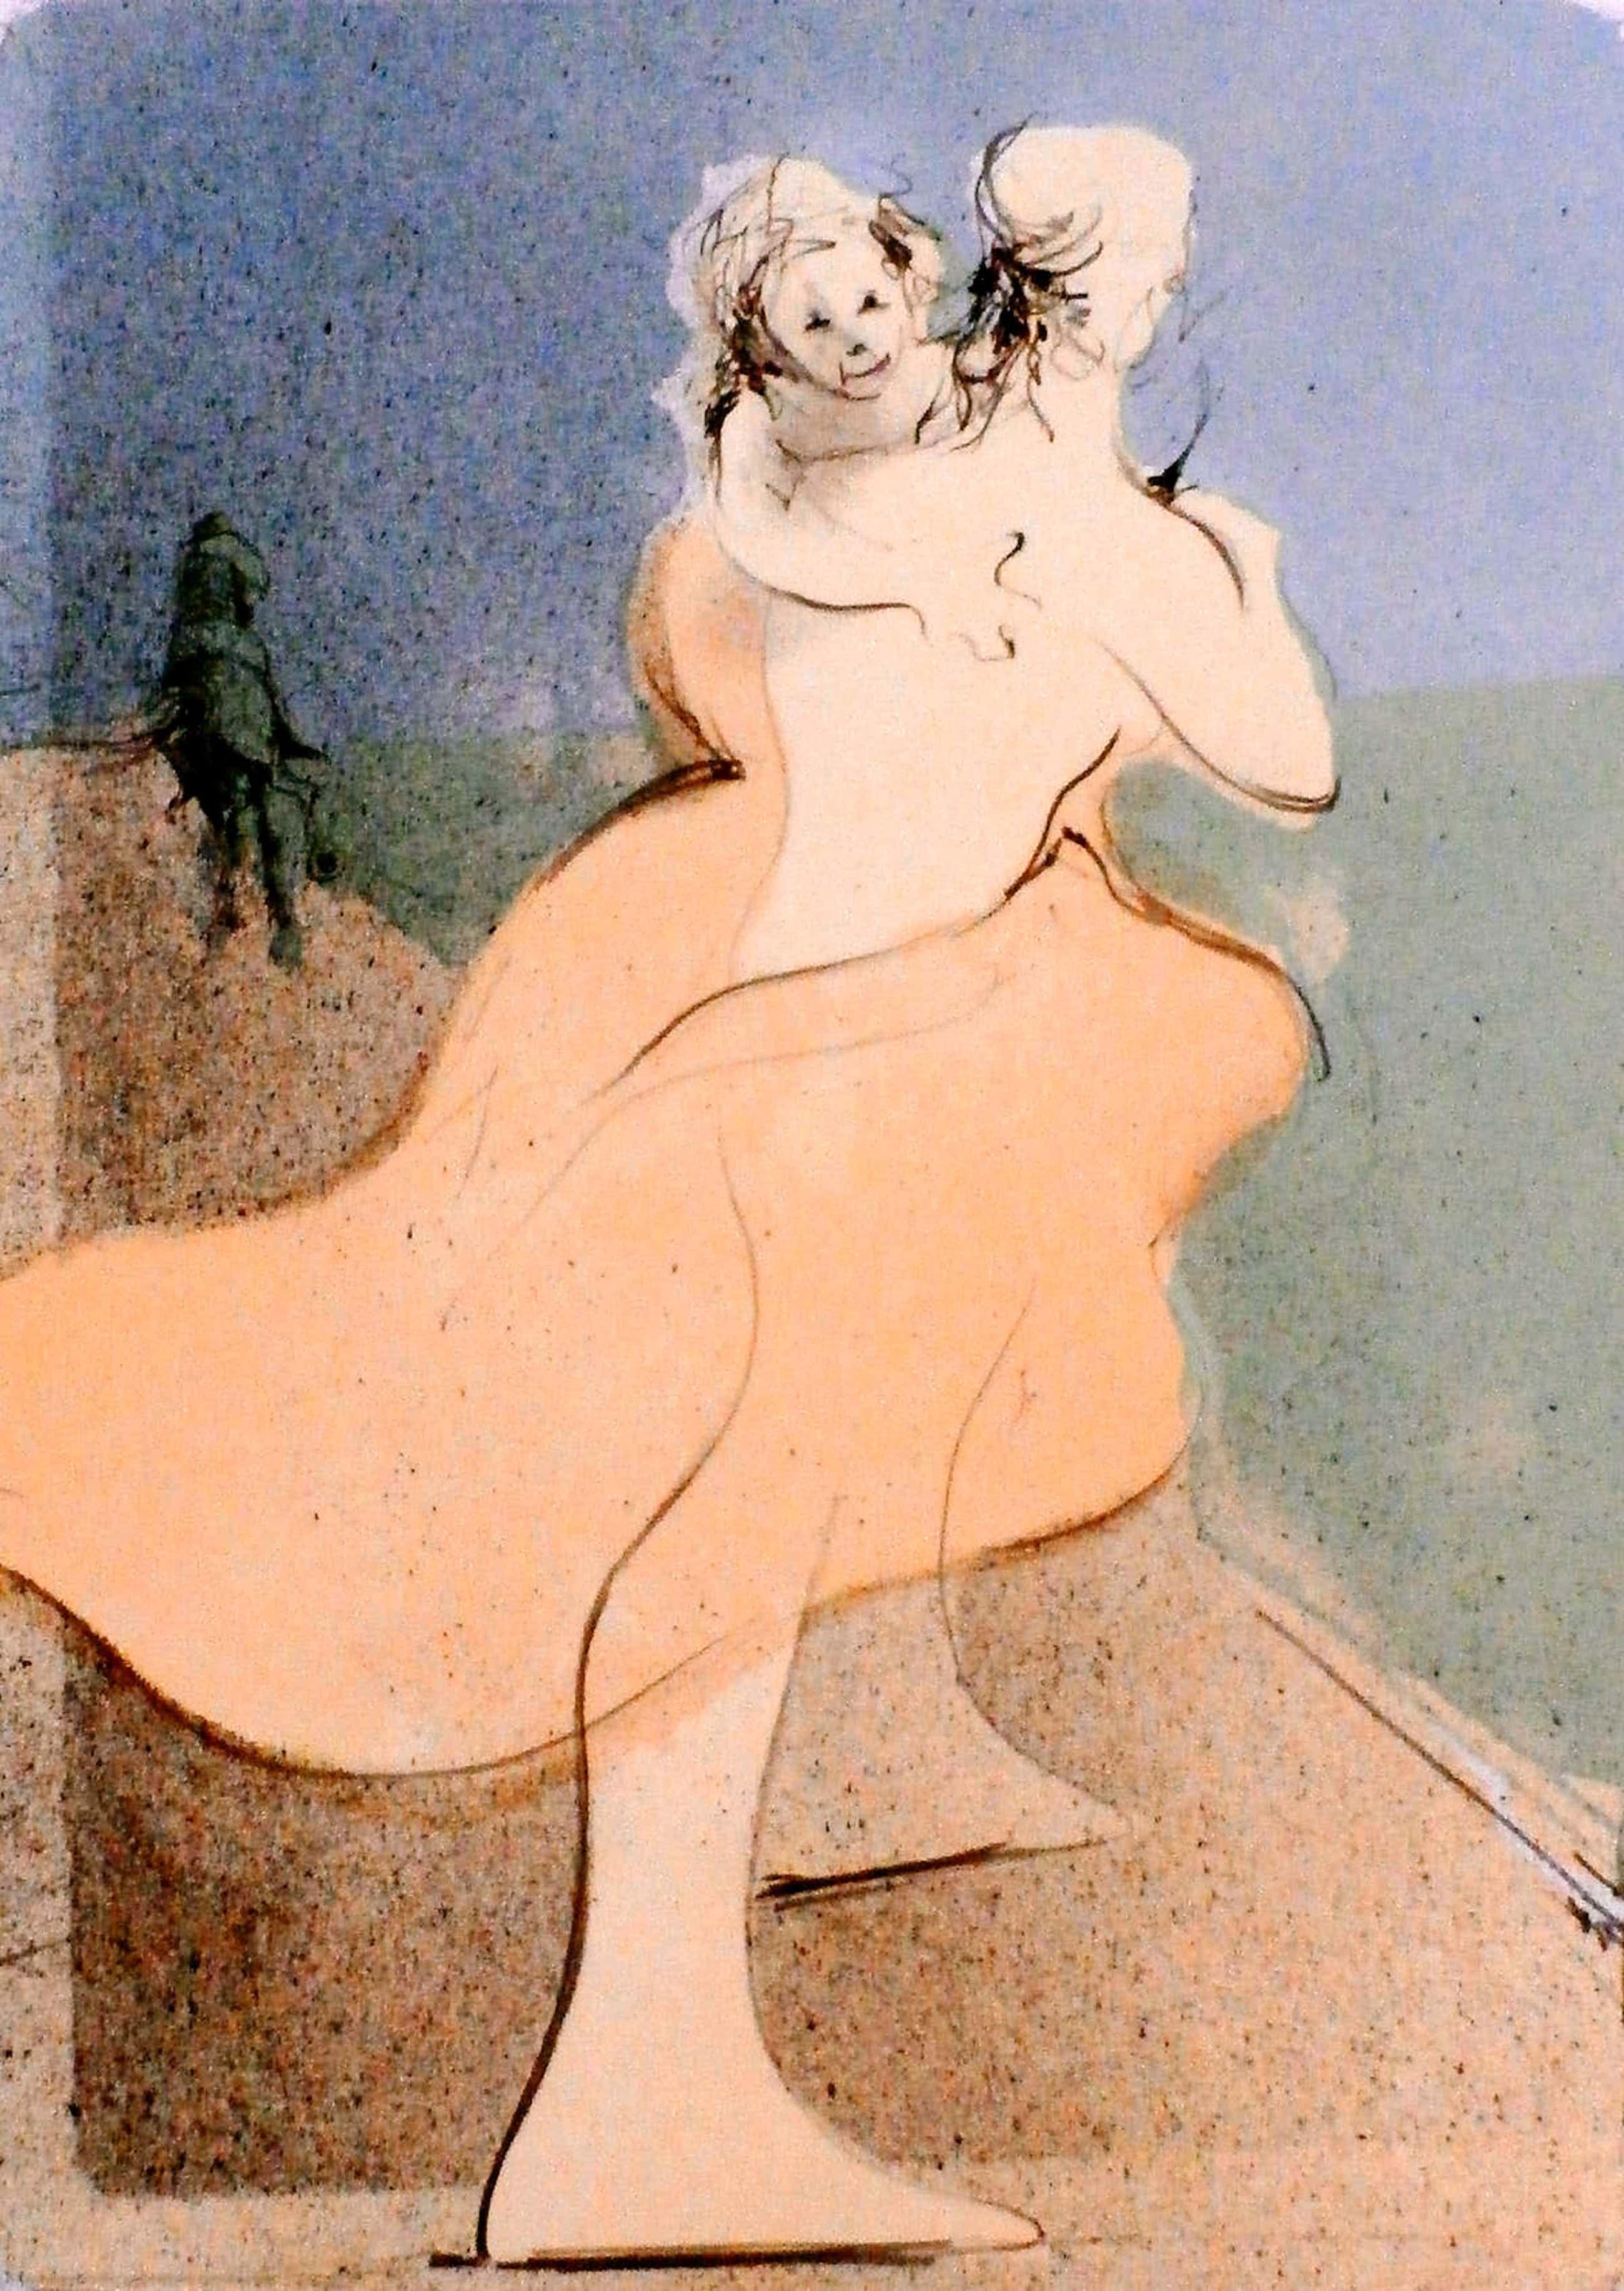 Ronald Tolman - dansende vrouw met kind - 1989 kopen? Bied vanaf 90!